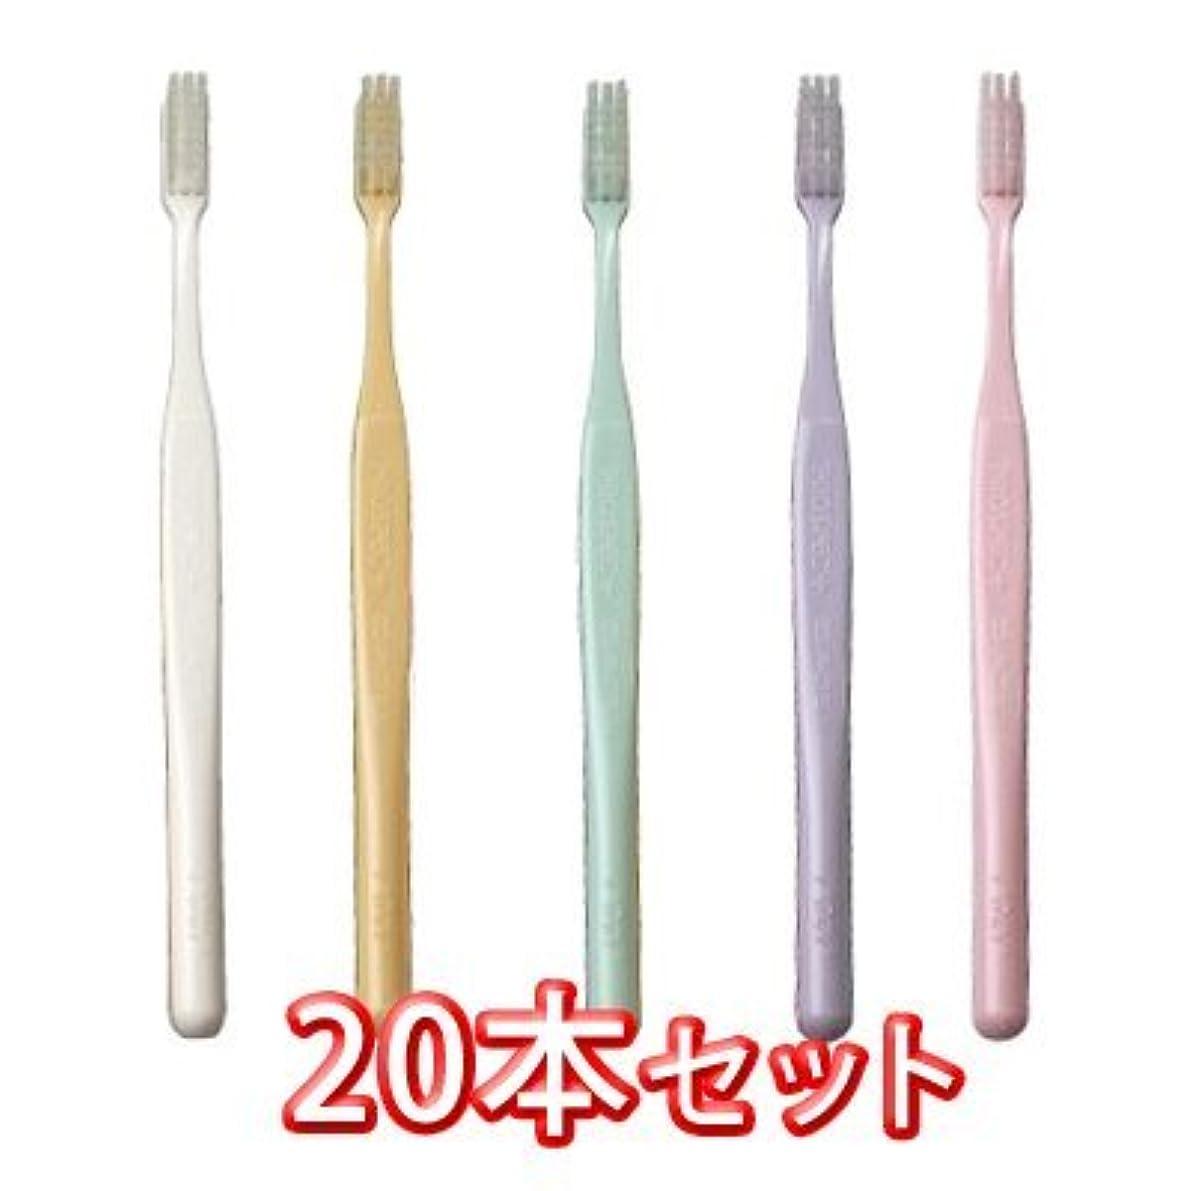 蓮分豪華なプロスペック 歯ブラシ プラス コンパクトスリム 20本入 ふつう色 M ふつう